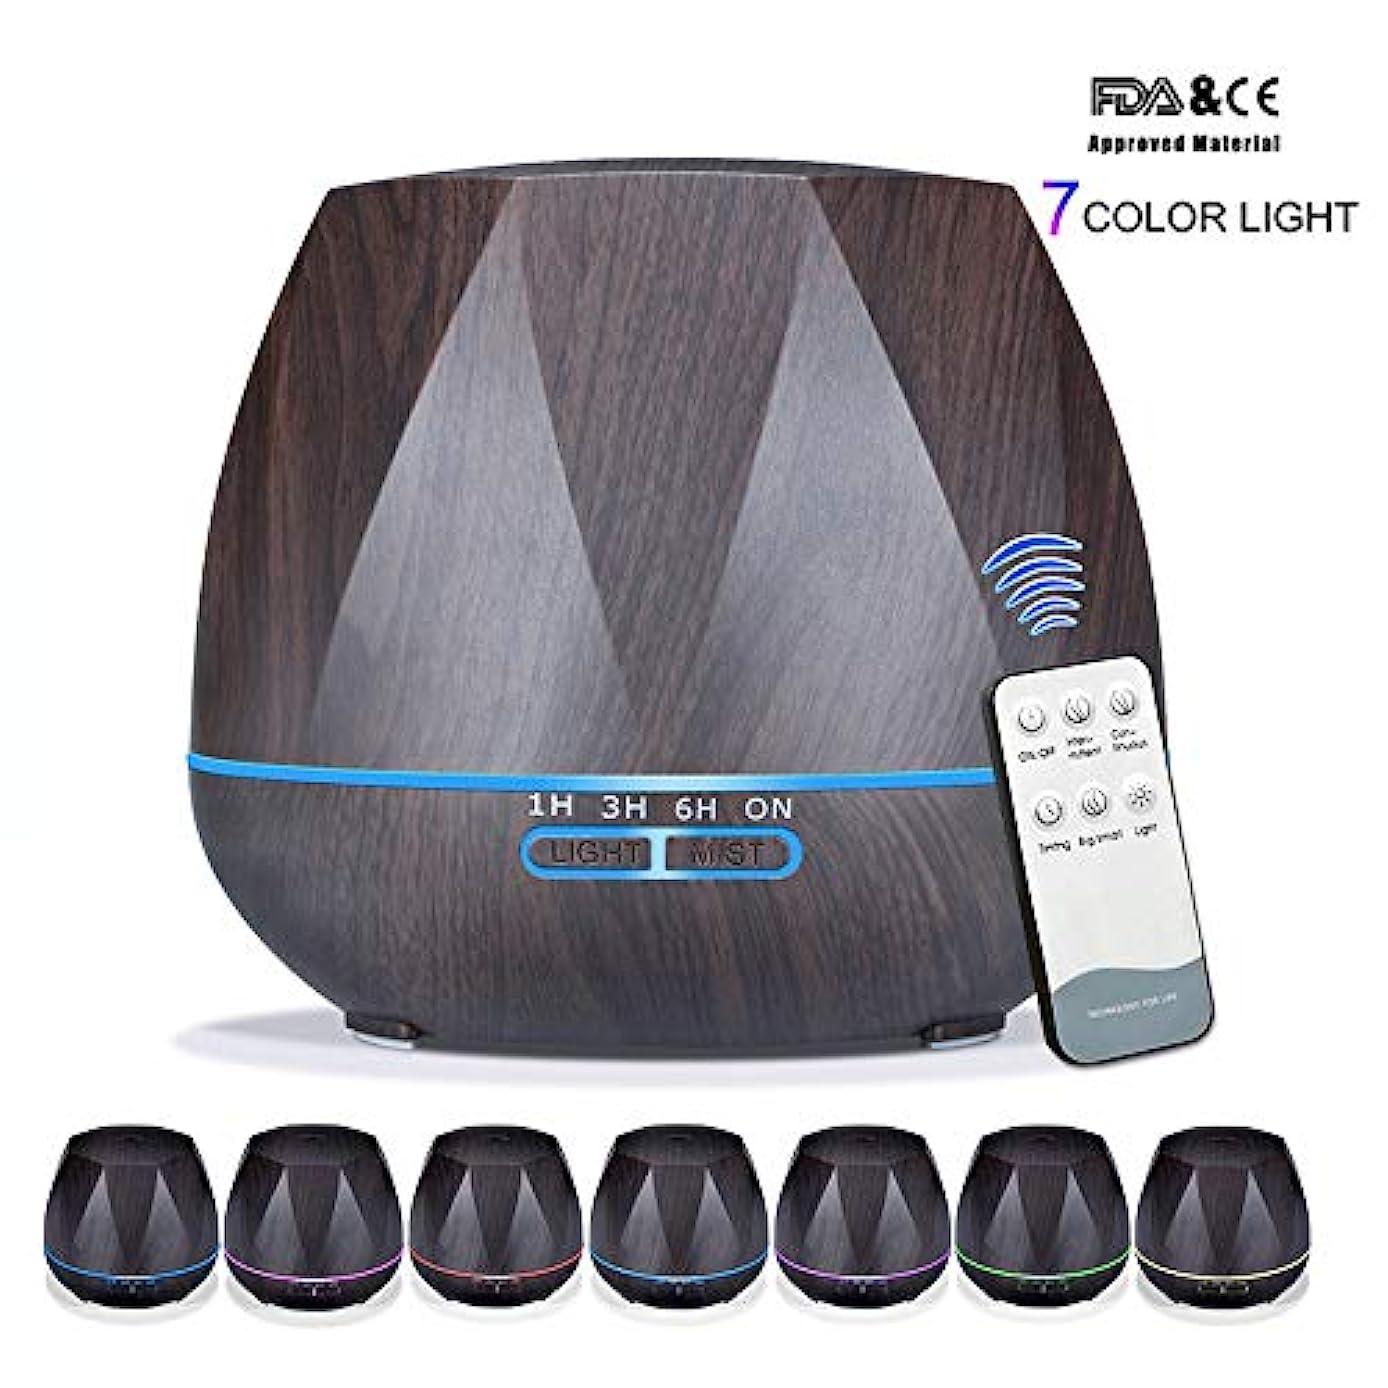 生き残り屈辱する分割アロマセラピーエッセンシャルオイルアロマディフューザーリモートコントロール7色LEDライトホームエアアロマディフューザー加湿器550ML,Black,Remote